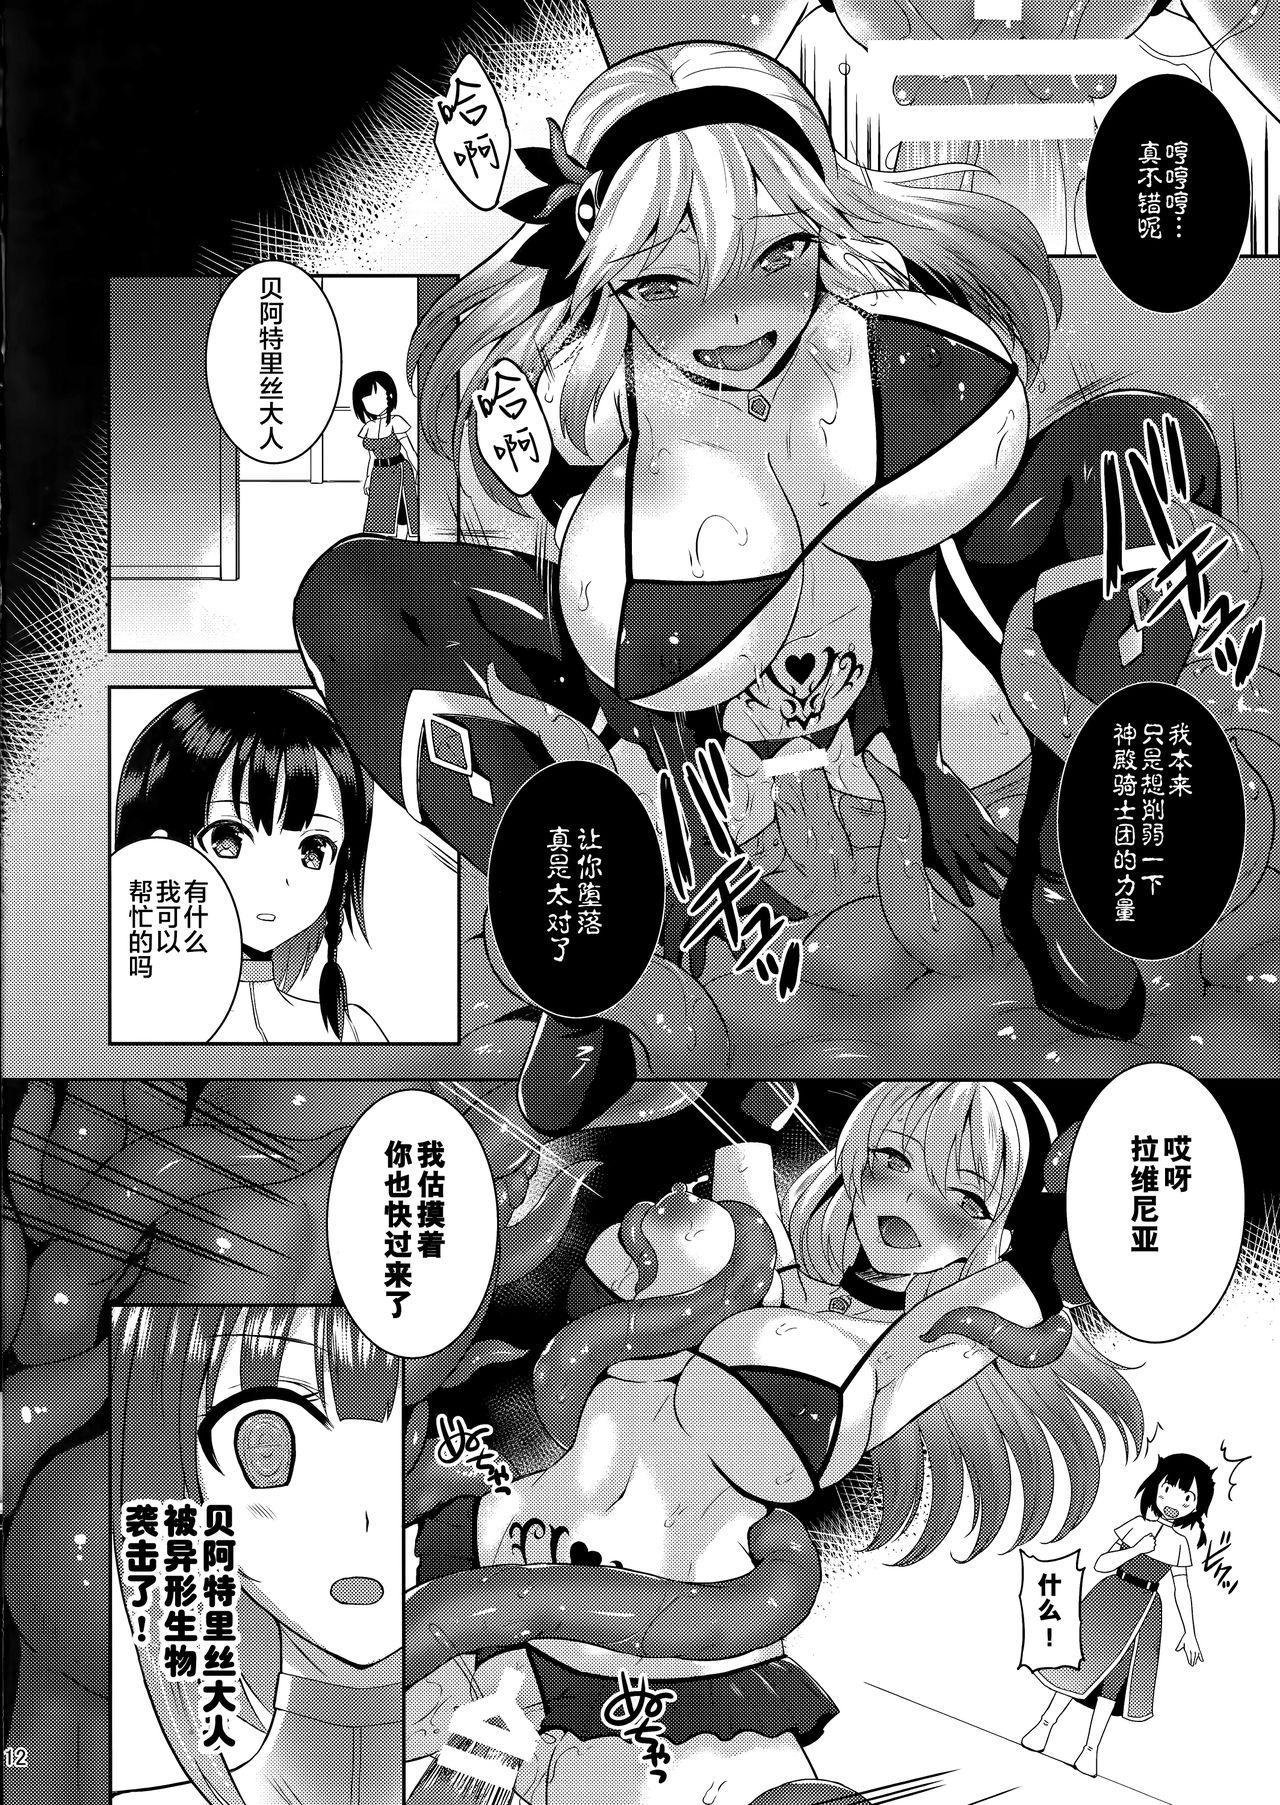 Infection Shinmai Kishi Lavinia no Junan 10